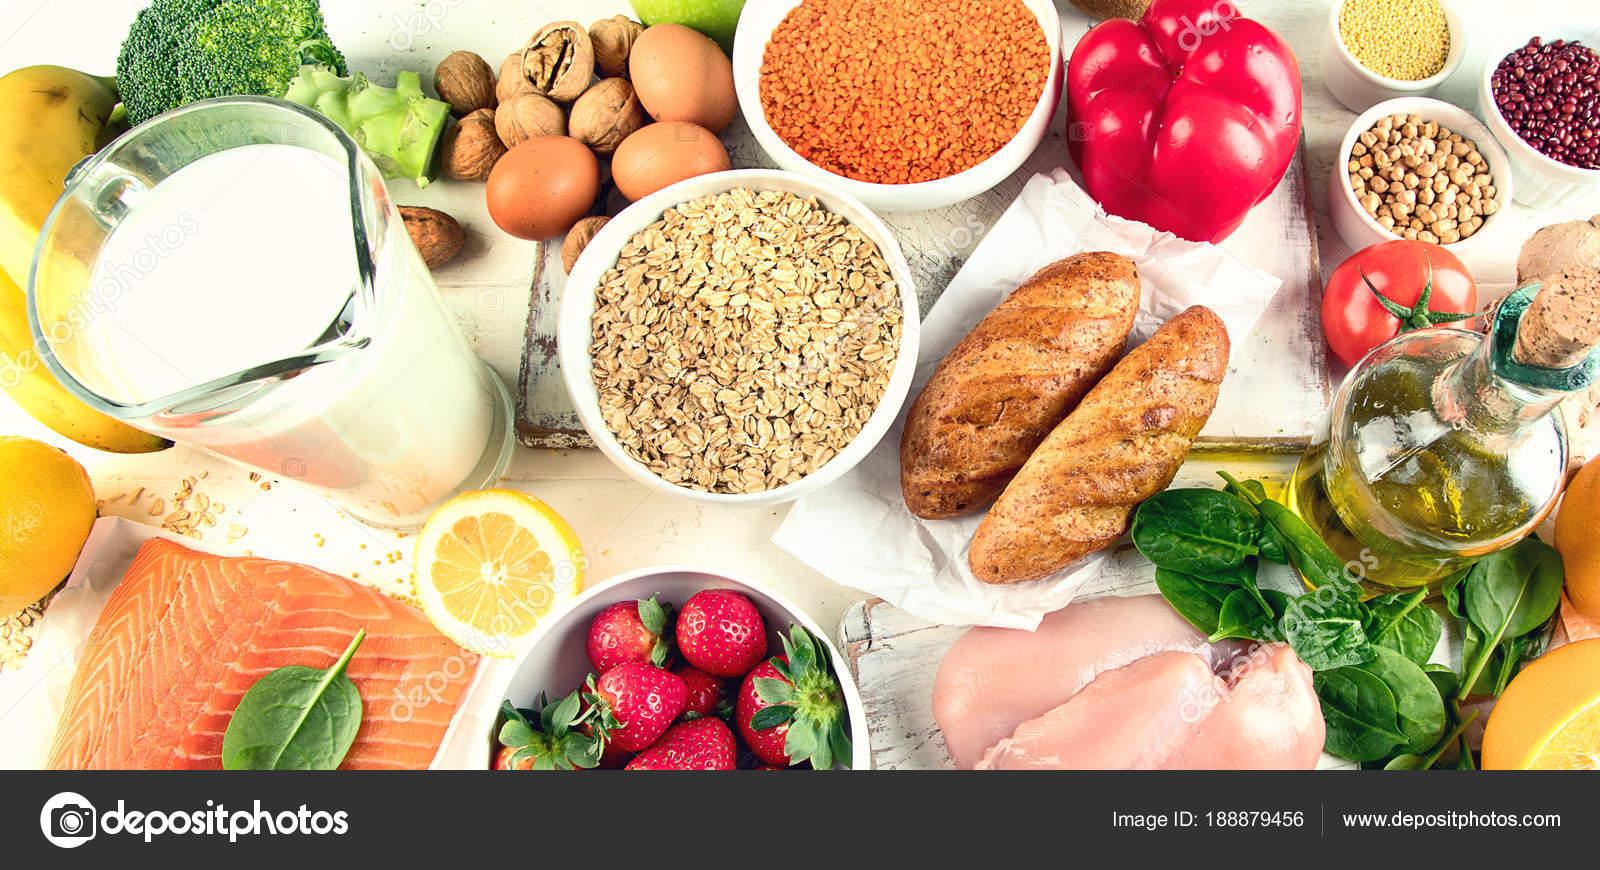 Картинки по запросу збалансоване харчування